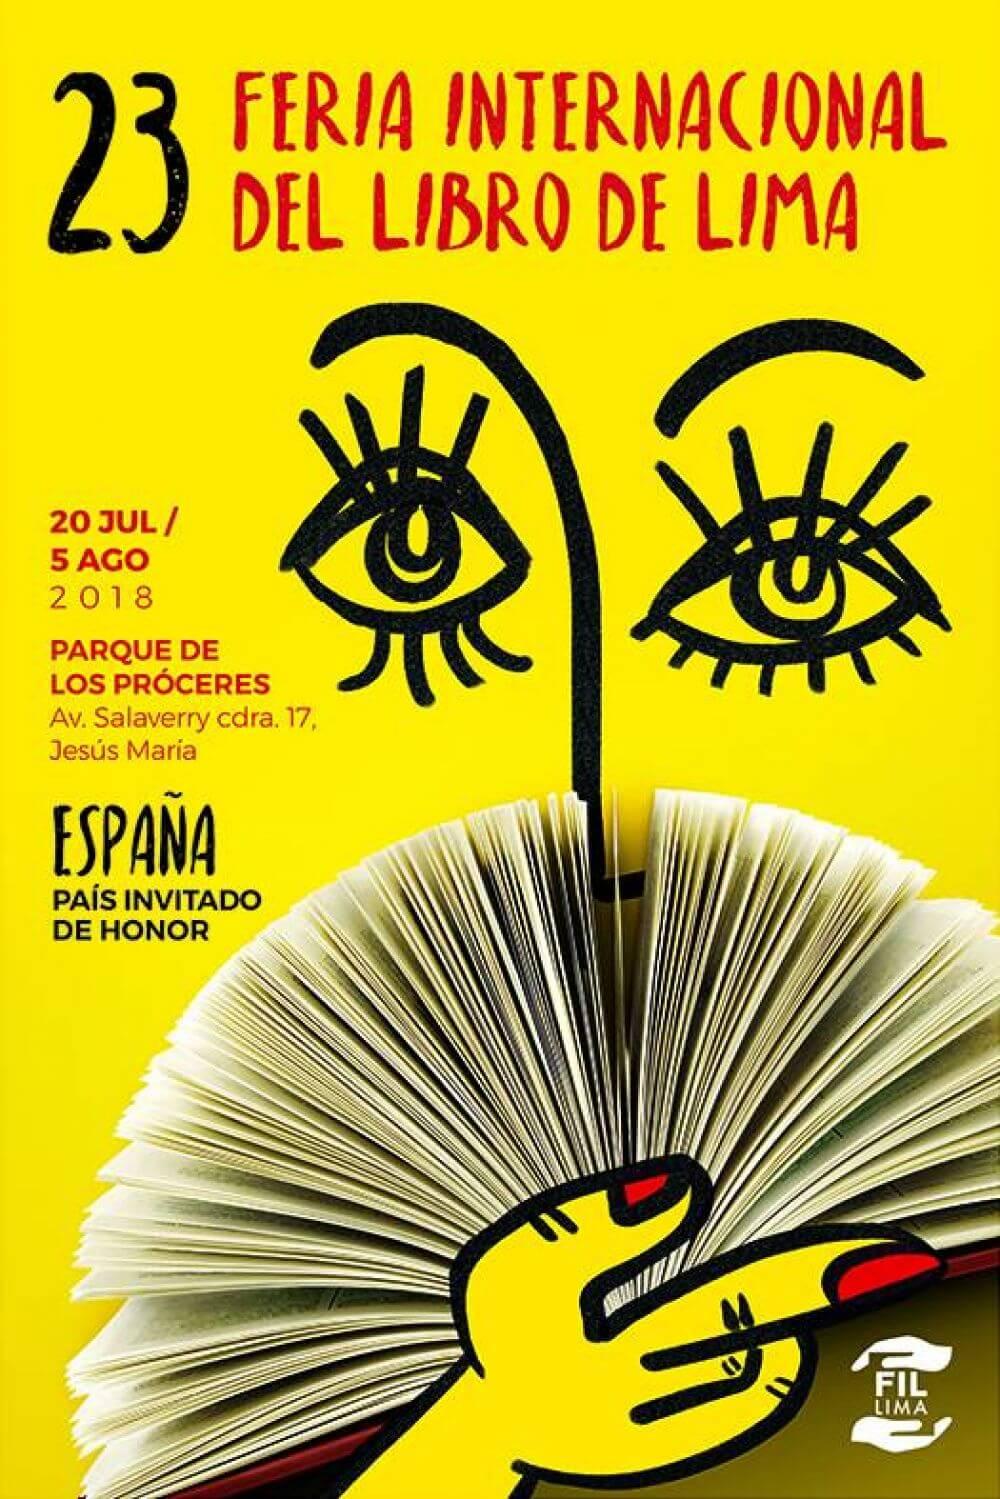 Cartel Feria del libro de Lima